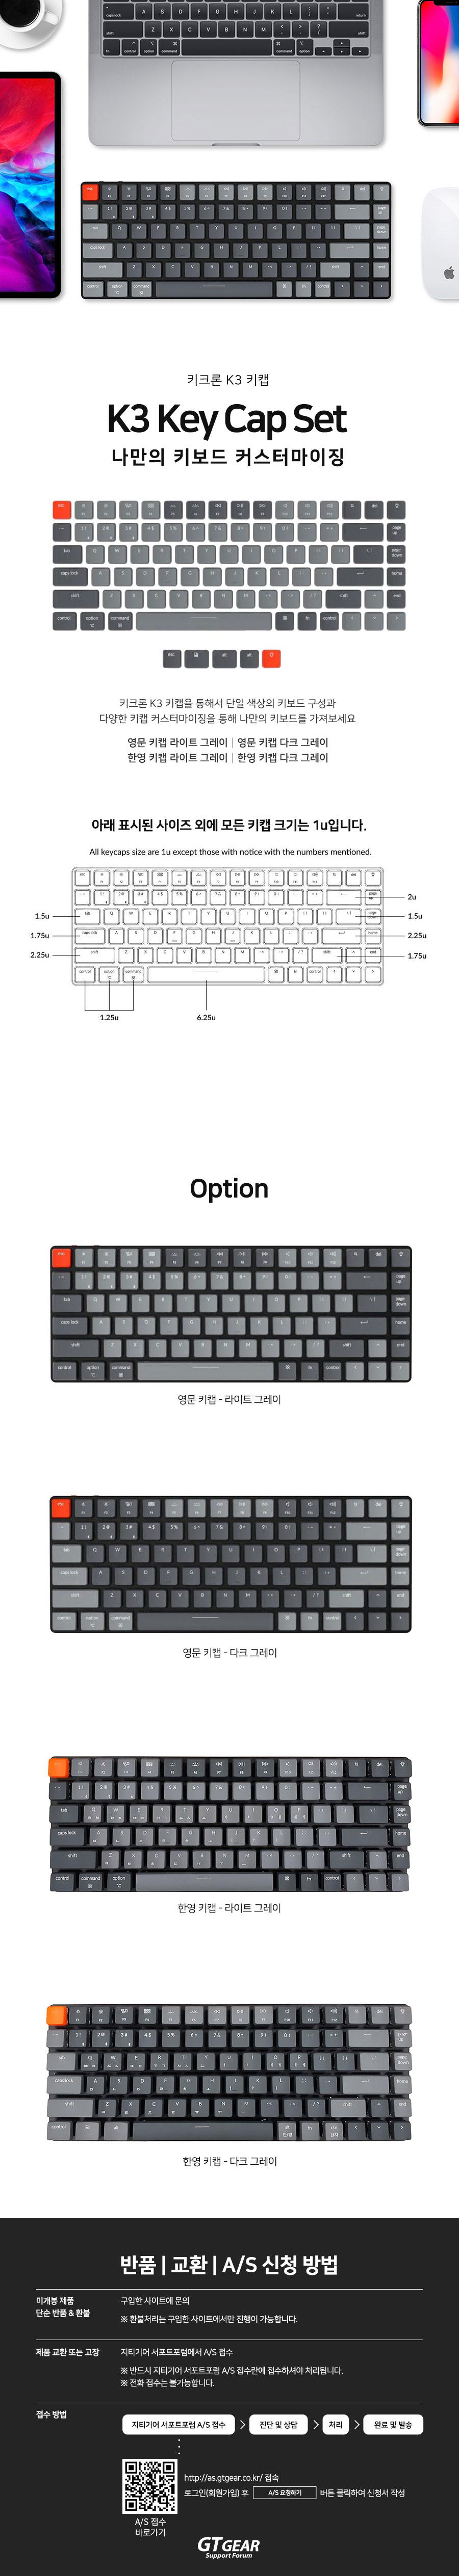 Keychron K3 V2용 키캡 한글 (라이트그레이)